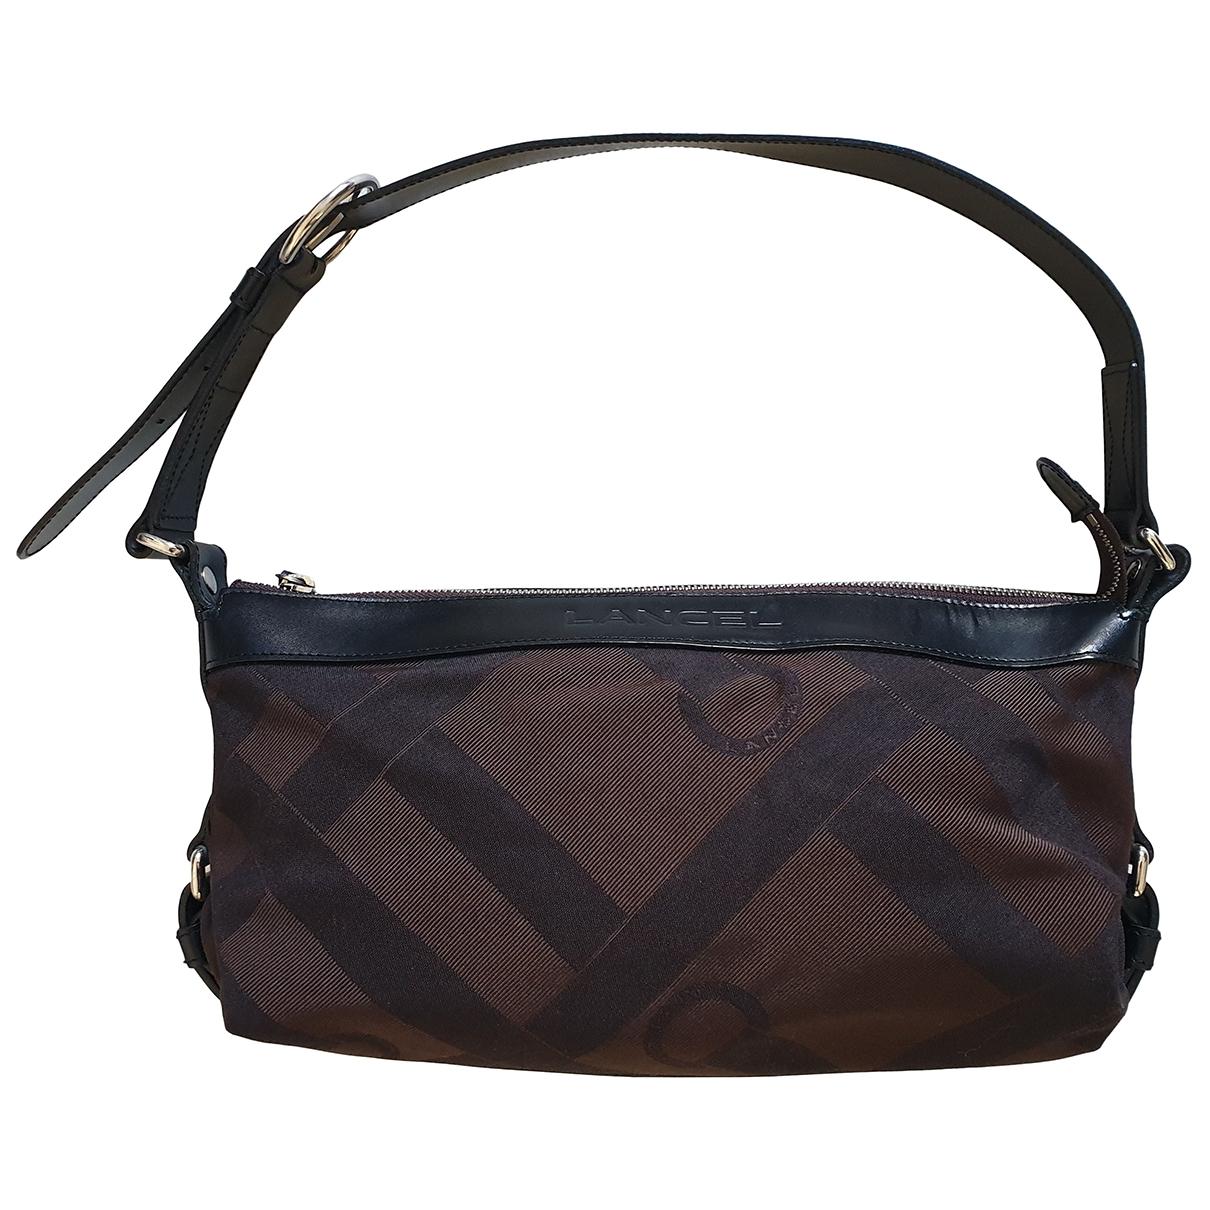 Lancel \N Handtasche in  Braun Leinen